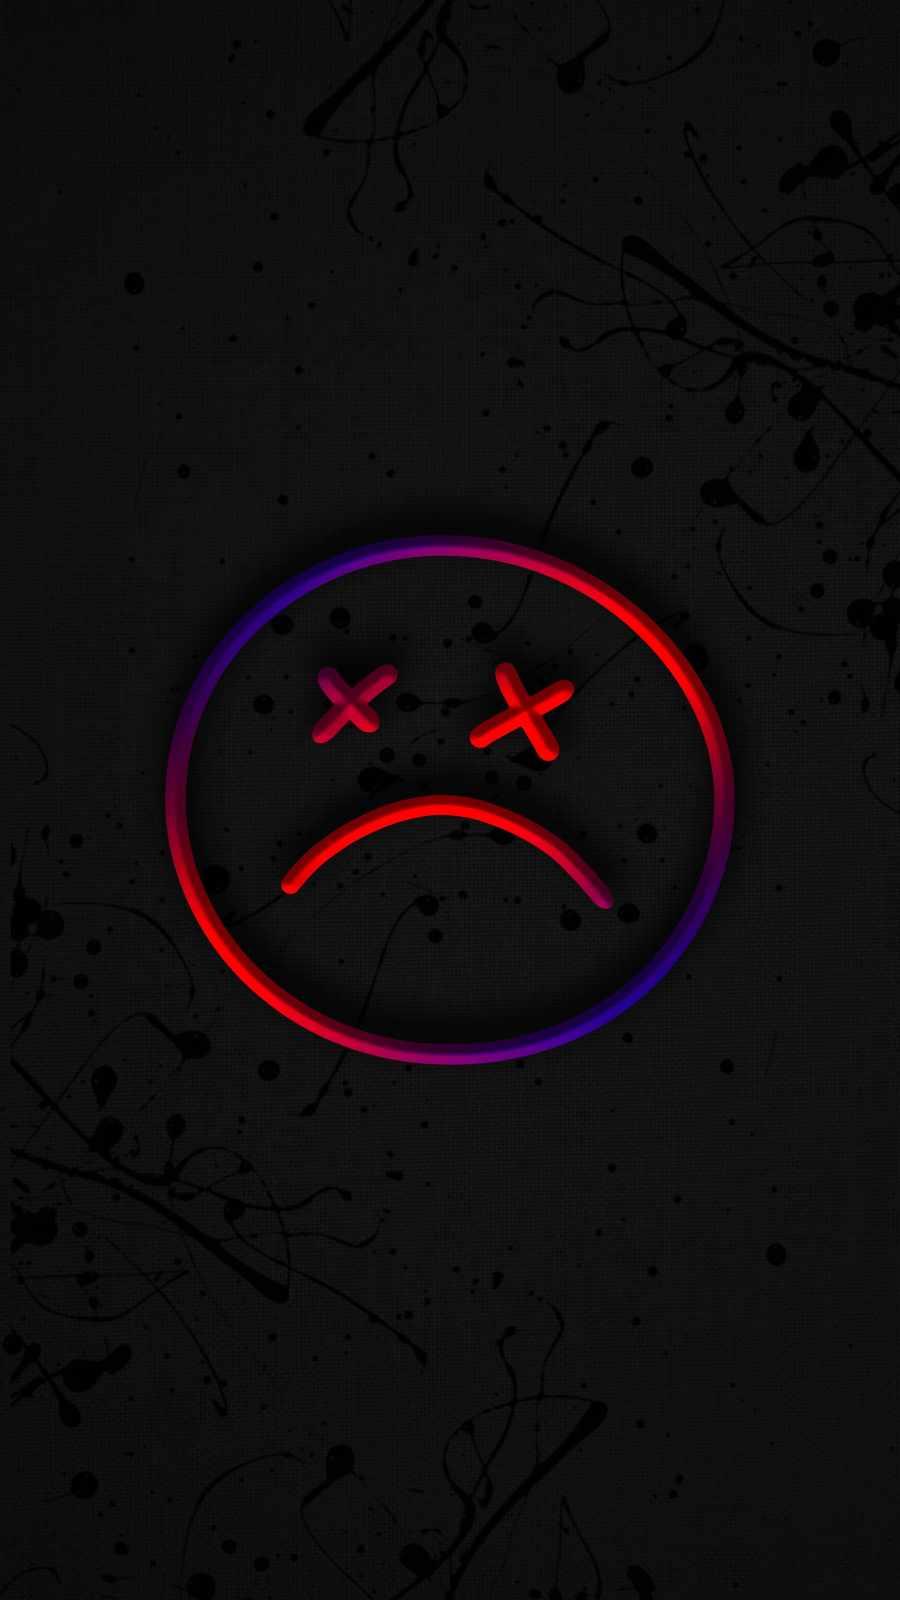 Sad Face iPhone Wallpaper